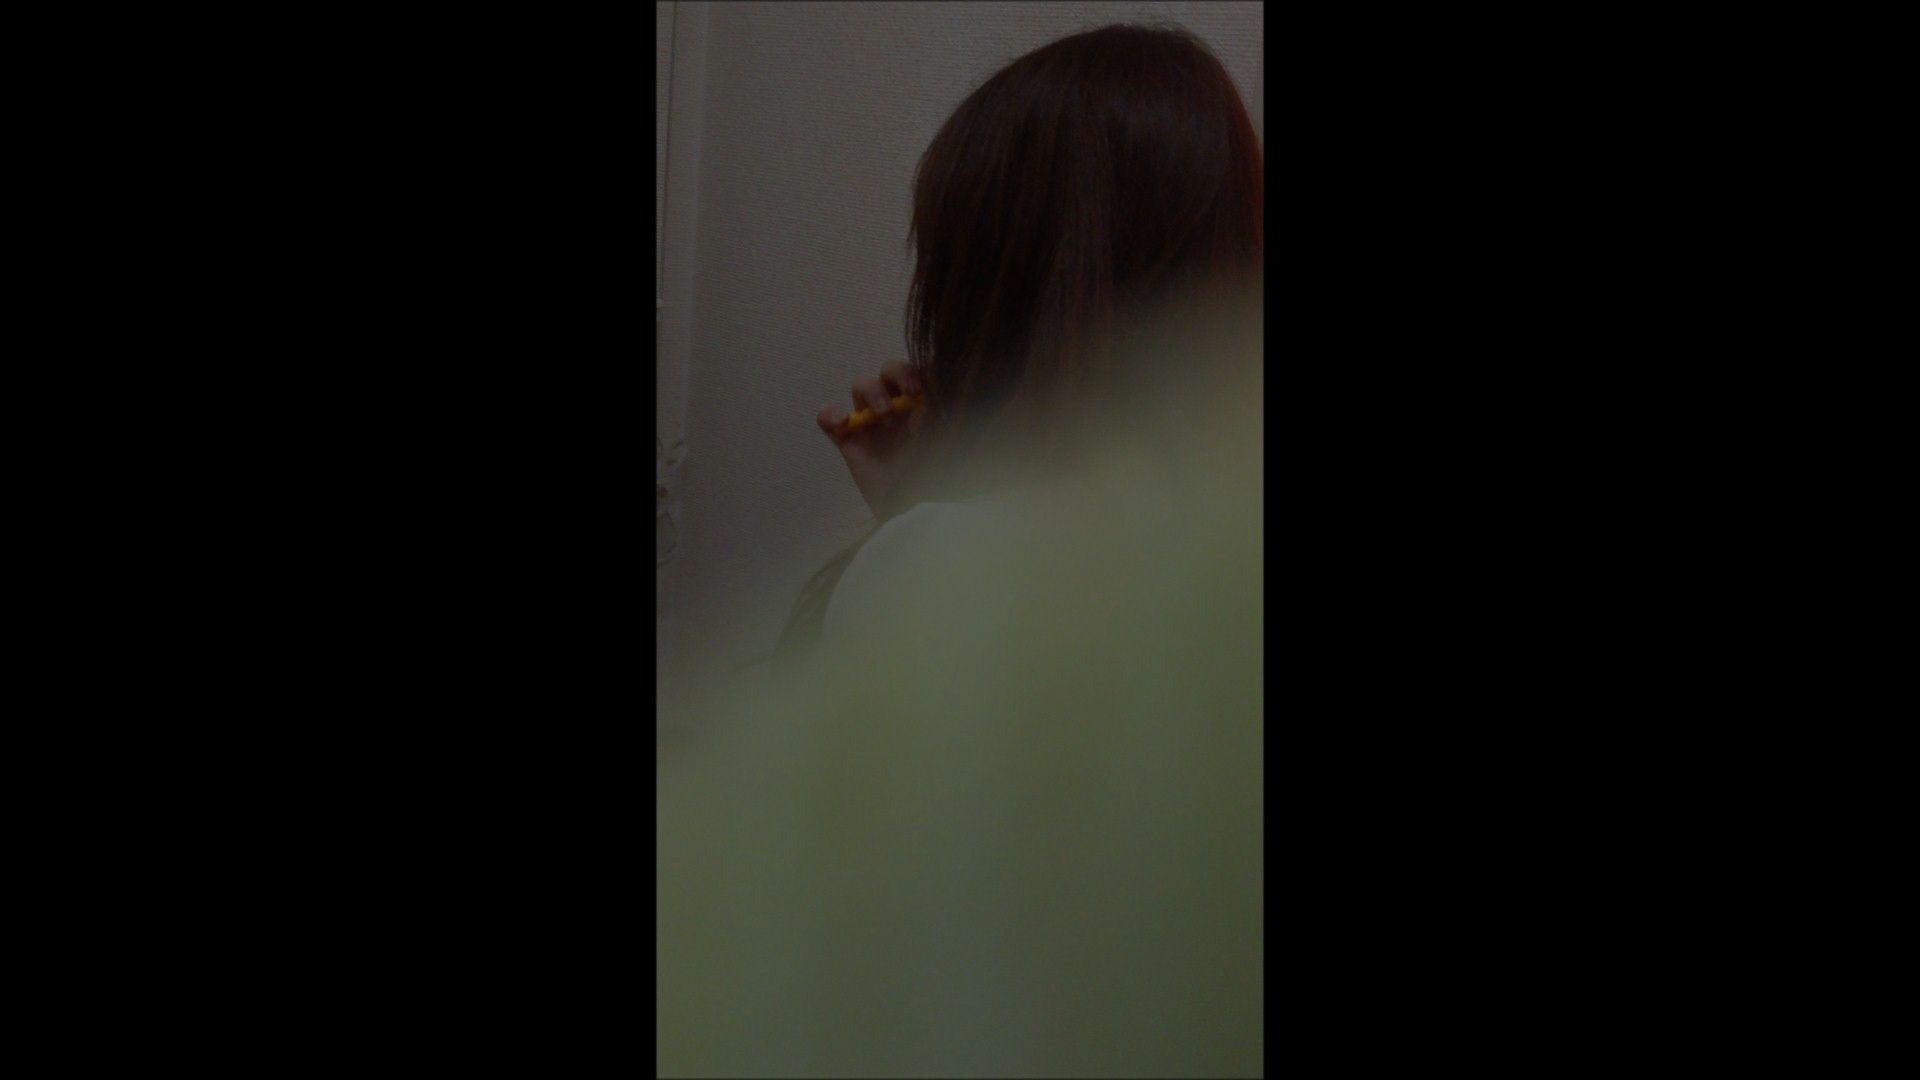 08(8日目)メイク中の彼女の顔を撮りました! いやらしいOL  51連発 48